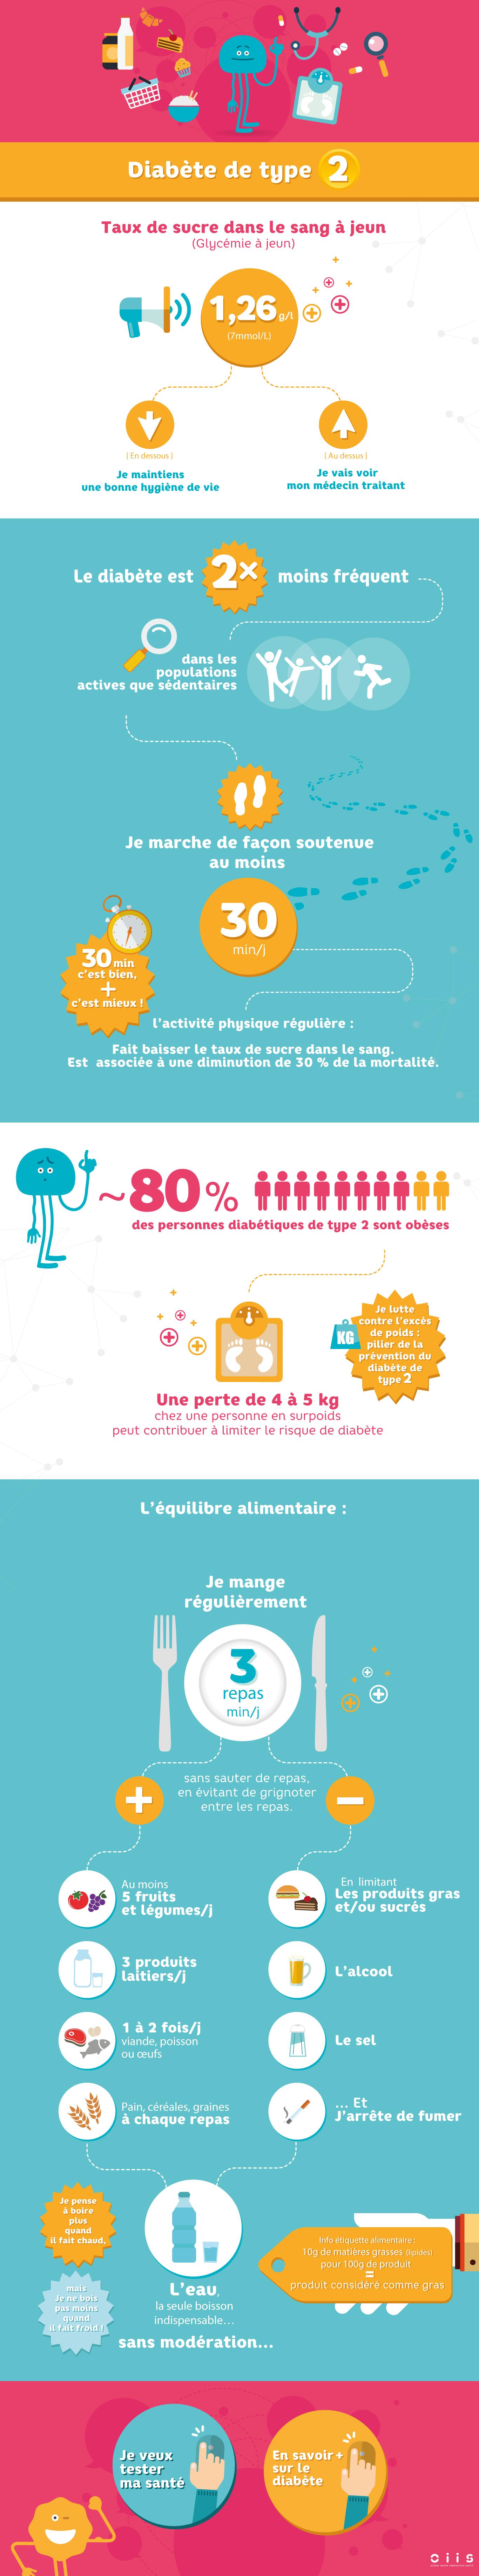 Infographie : l'essentiel sur le diabète de Type 2 | MA SANTÉ.RE